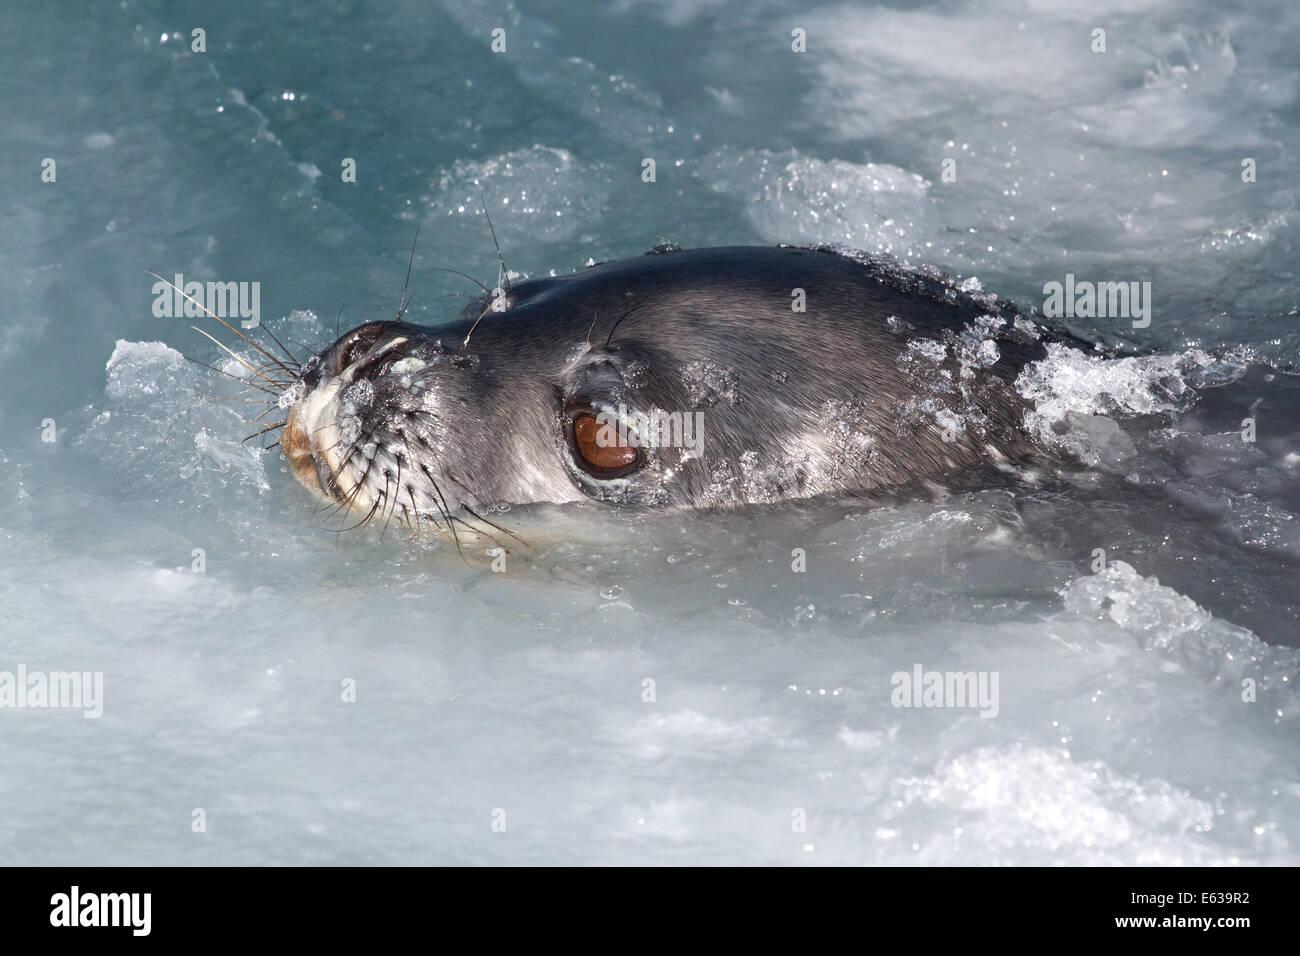 Guarnizione di Weddell testa che fuoriescono dall'acqua e ghiaccio giornata invernale Immagini Stock